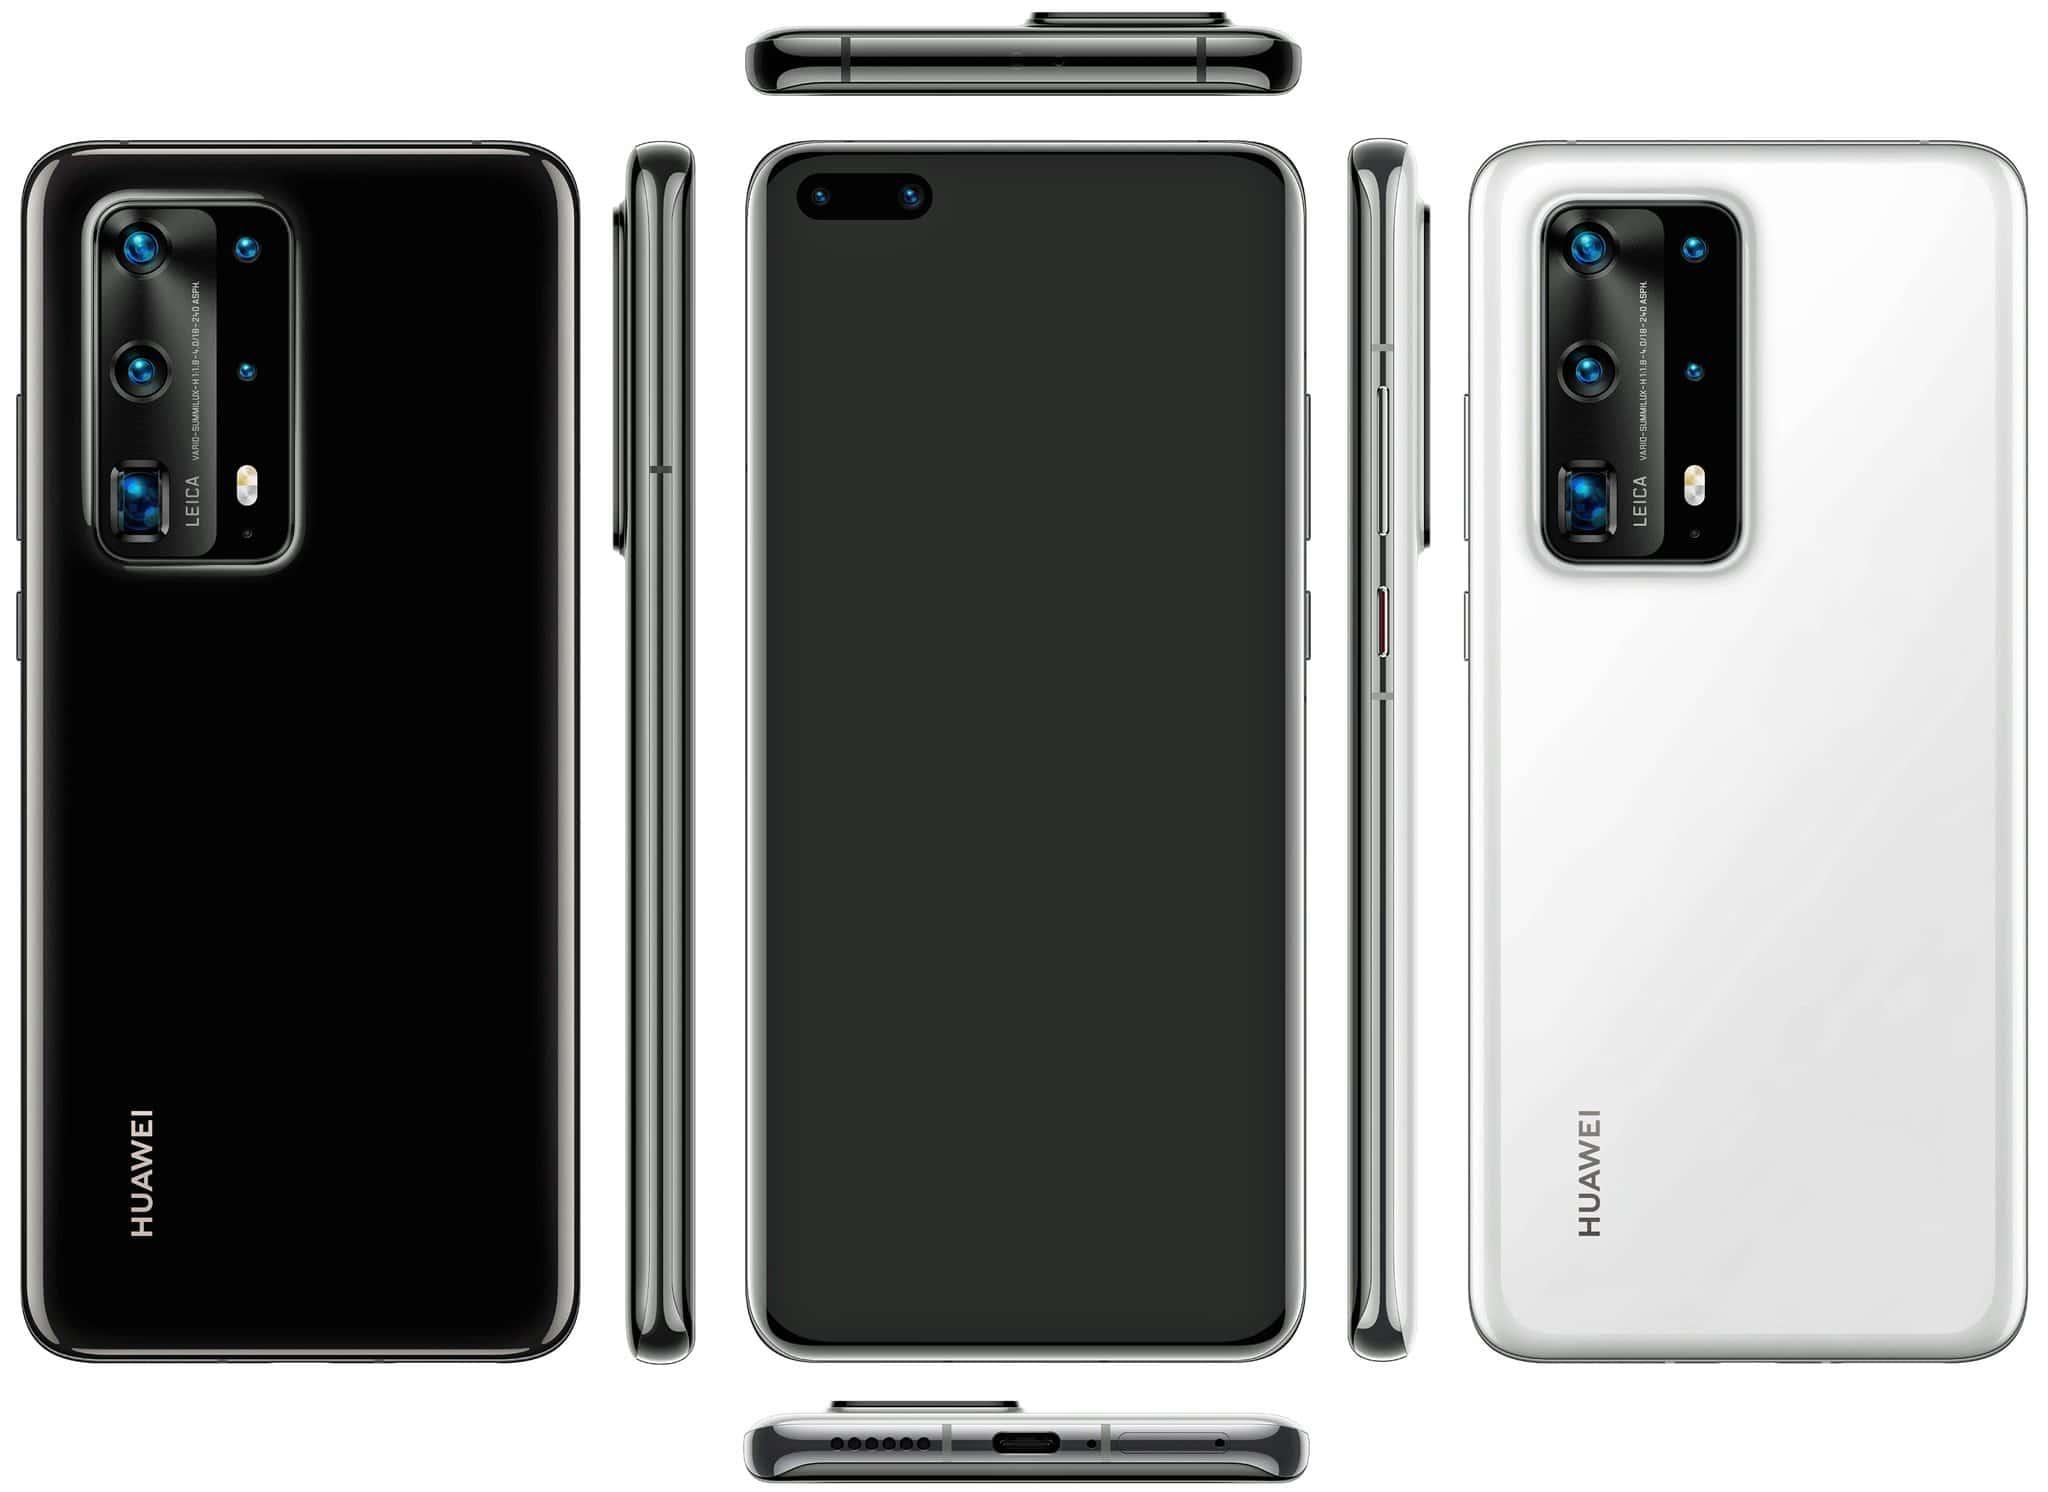 Huawei P40 Pro PE render evleaks 1